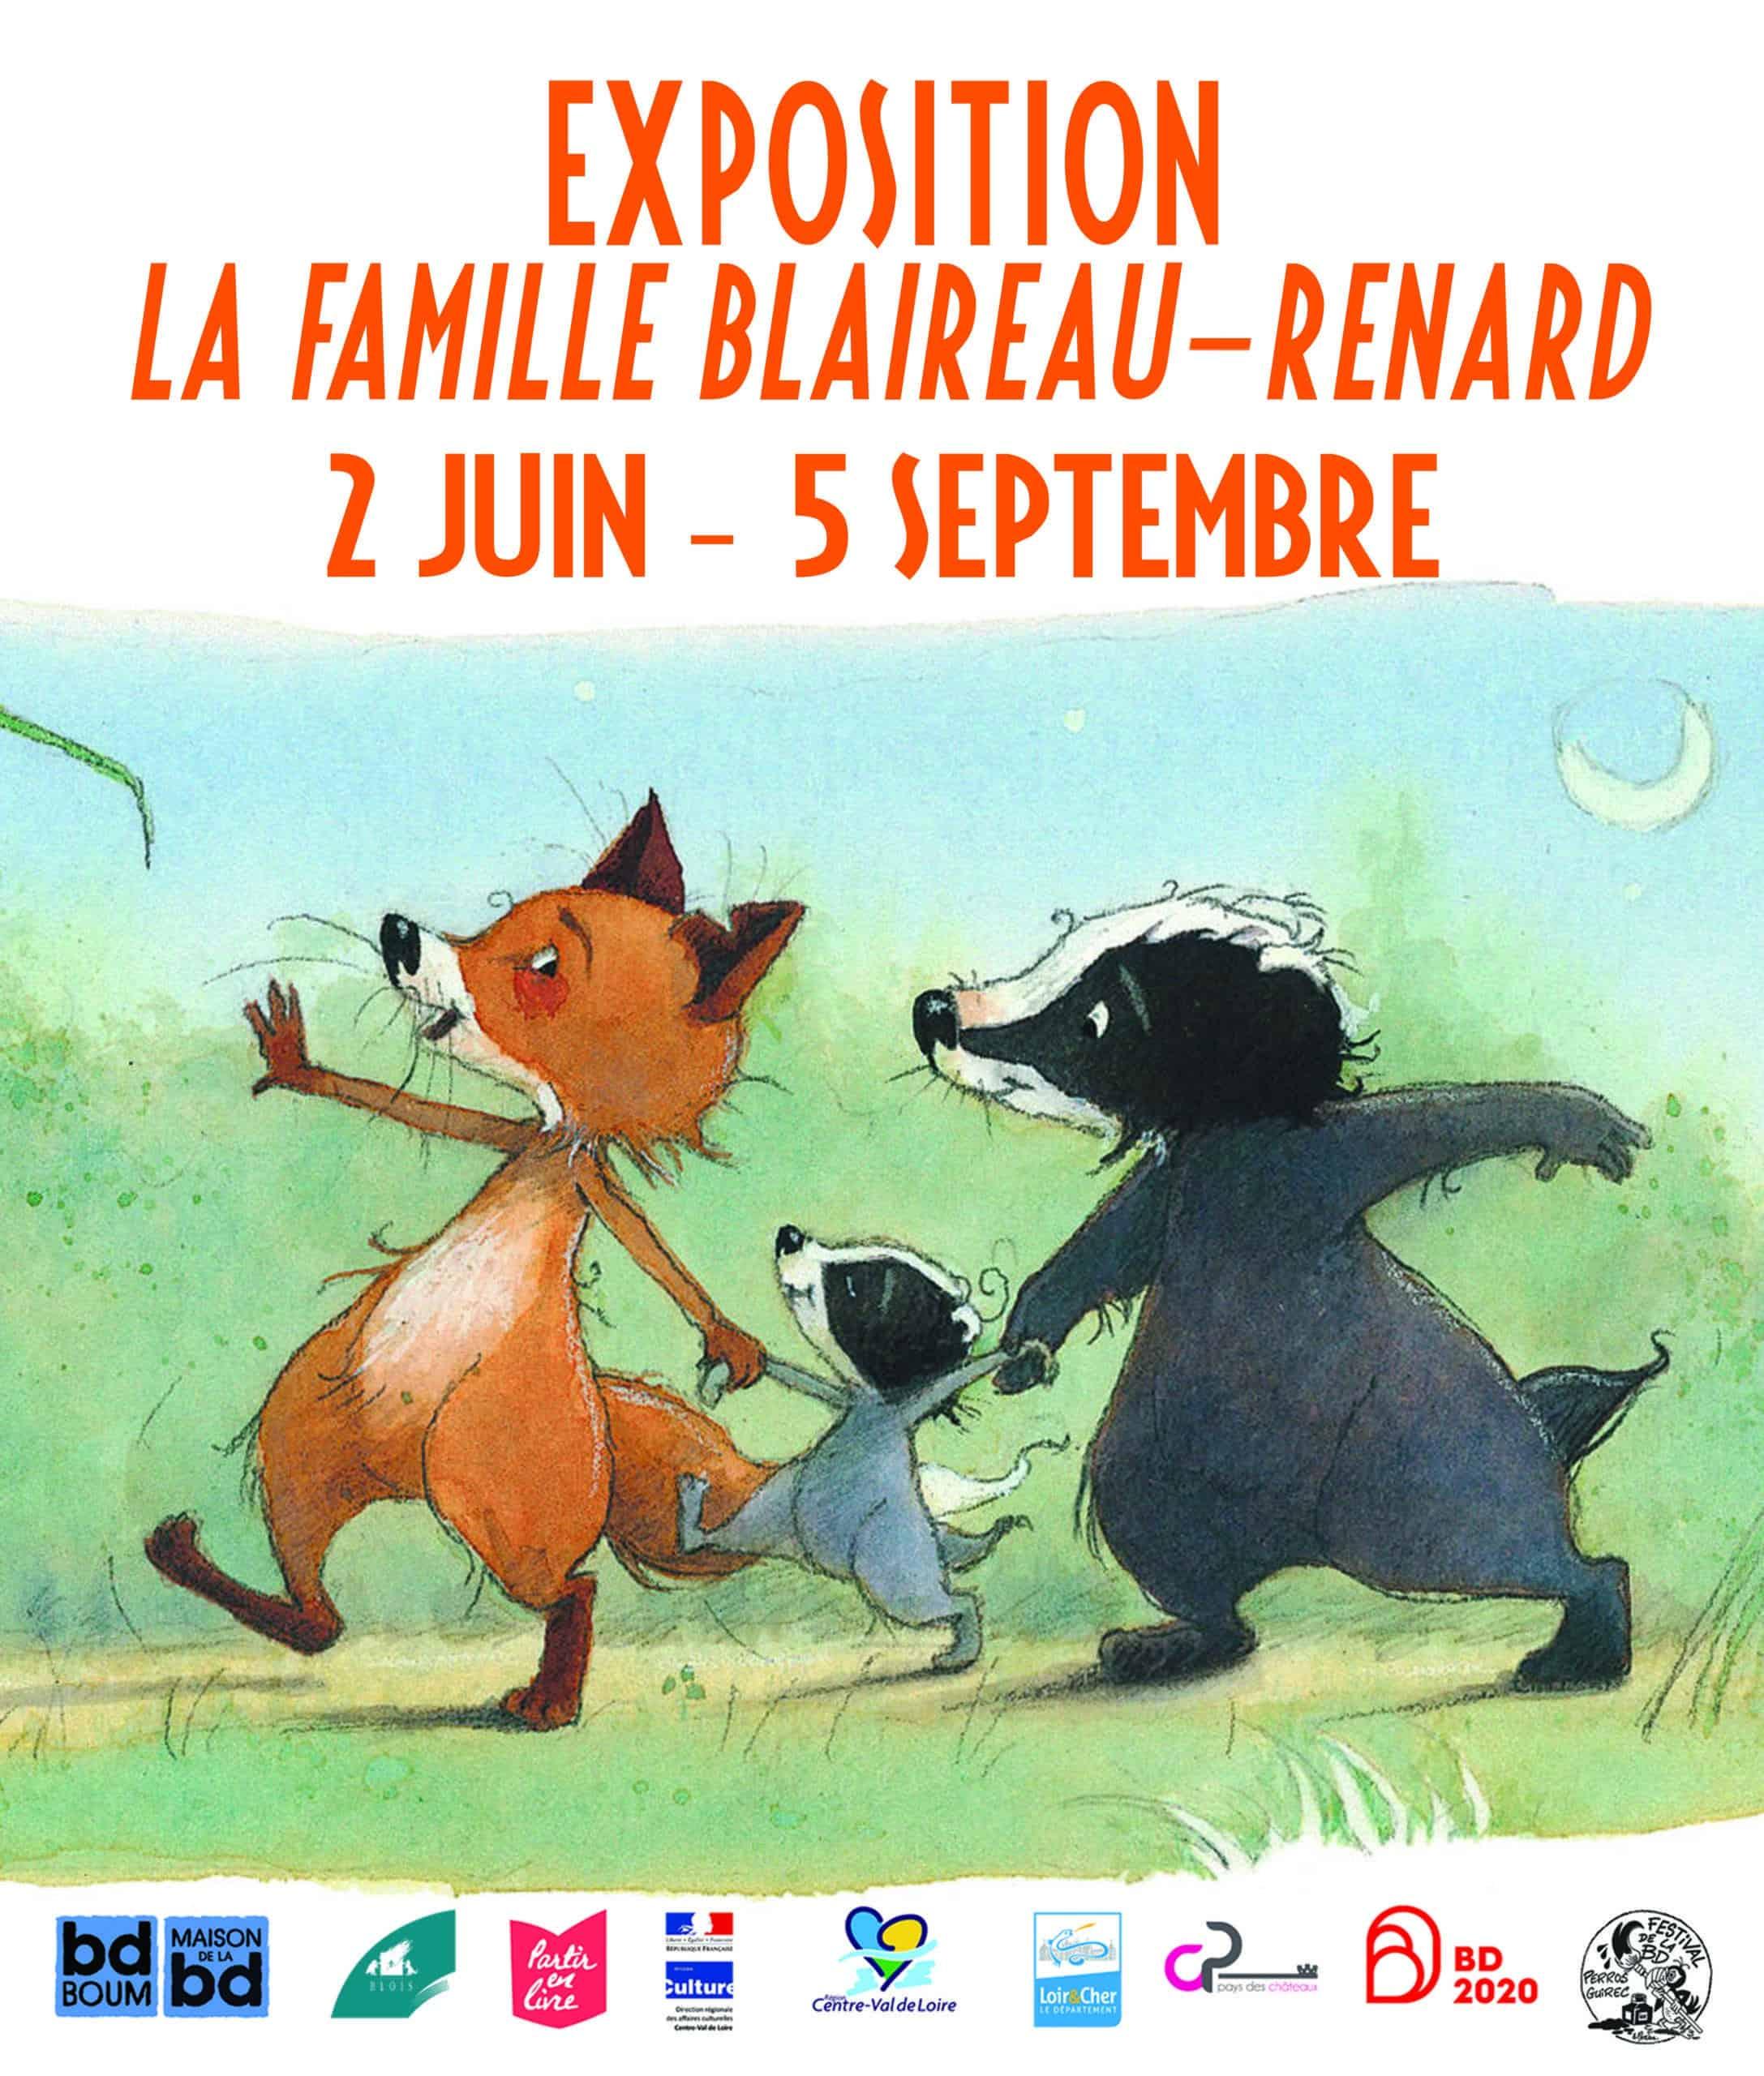 La famille Blaireau-Renard s'expose à Blois jusqu'en septembre 2020